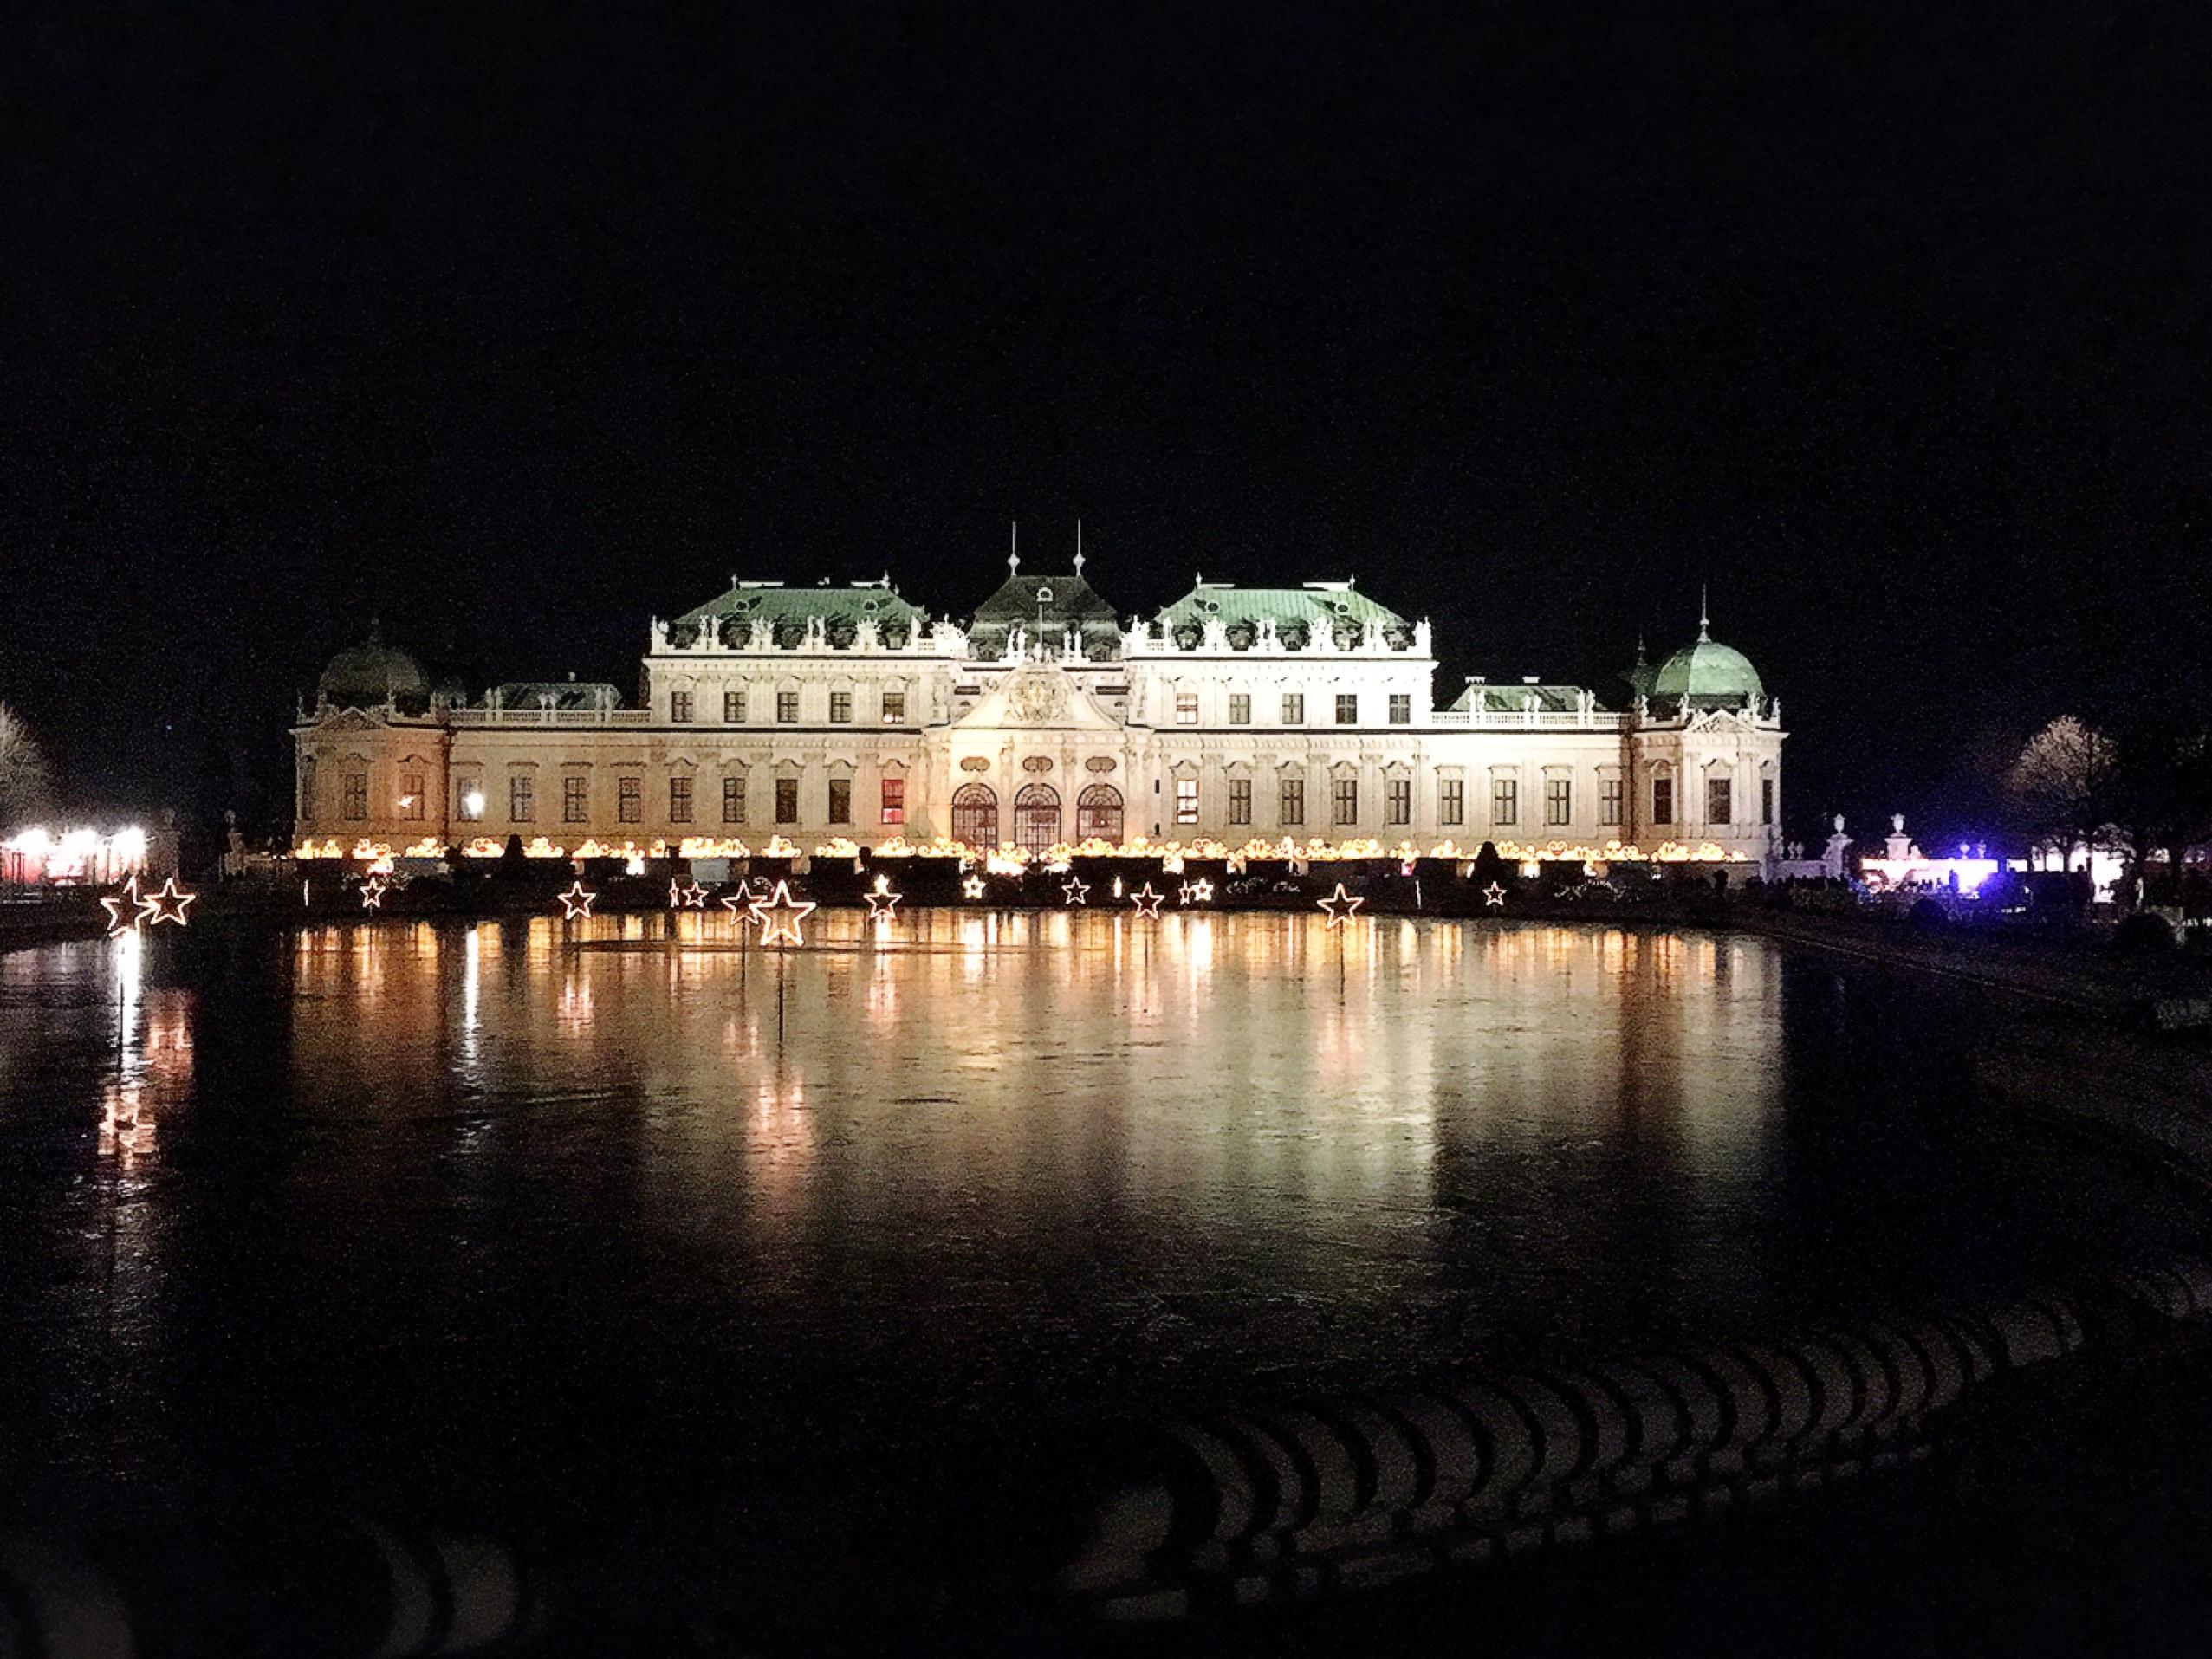 ベルベデーレ宮殿のクリスマス_1_1